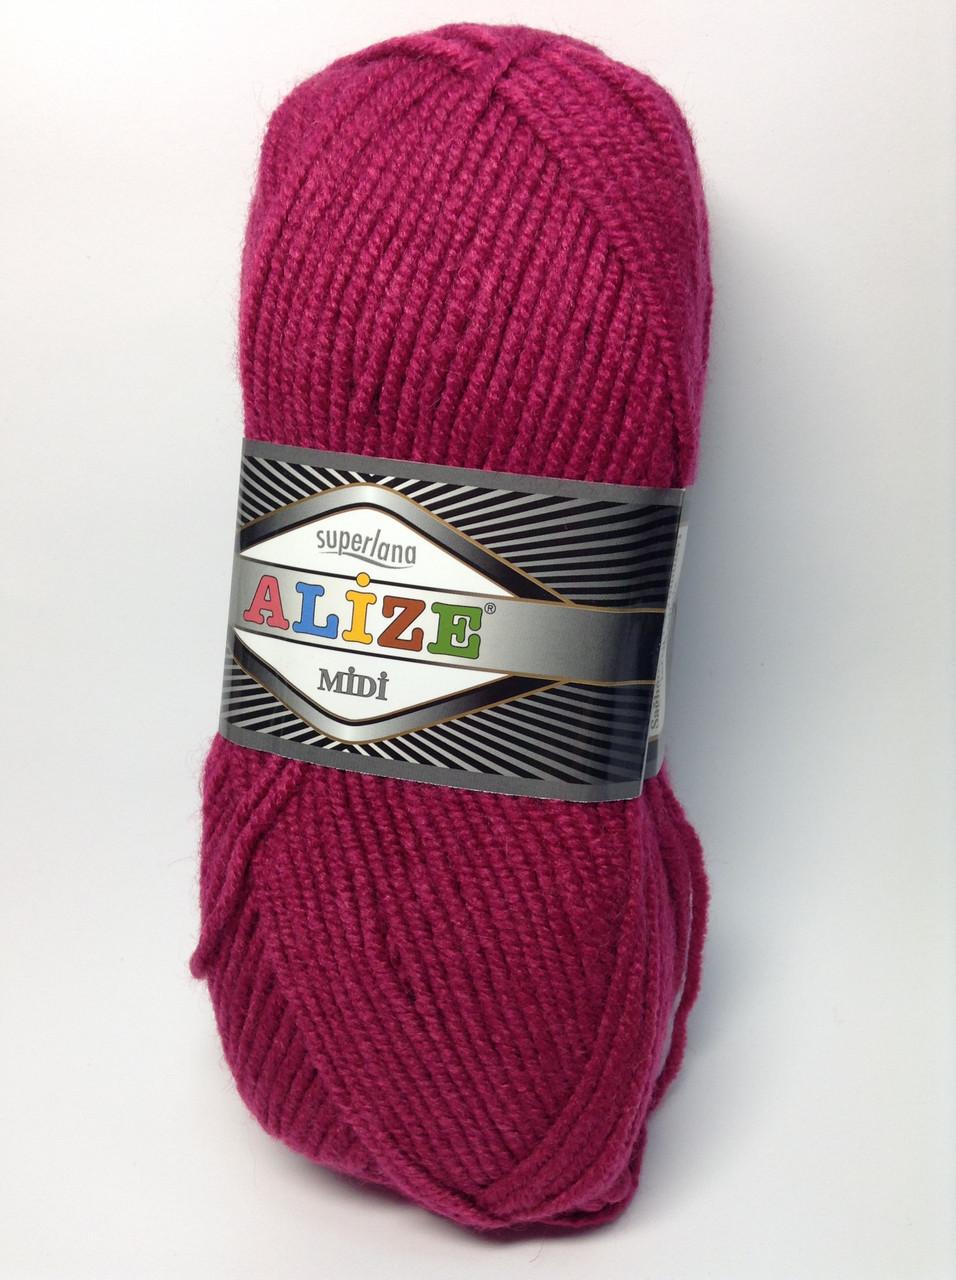 Пряжа superlana midi - цвет малиновый